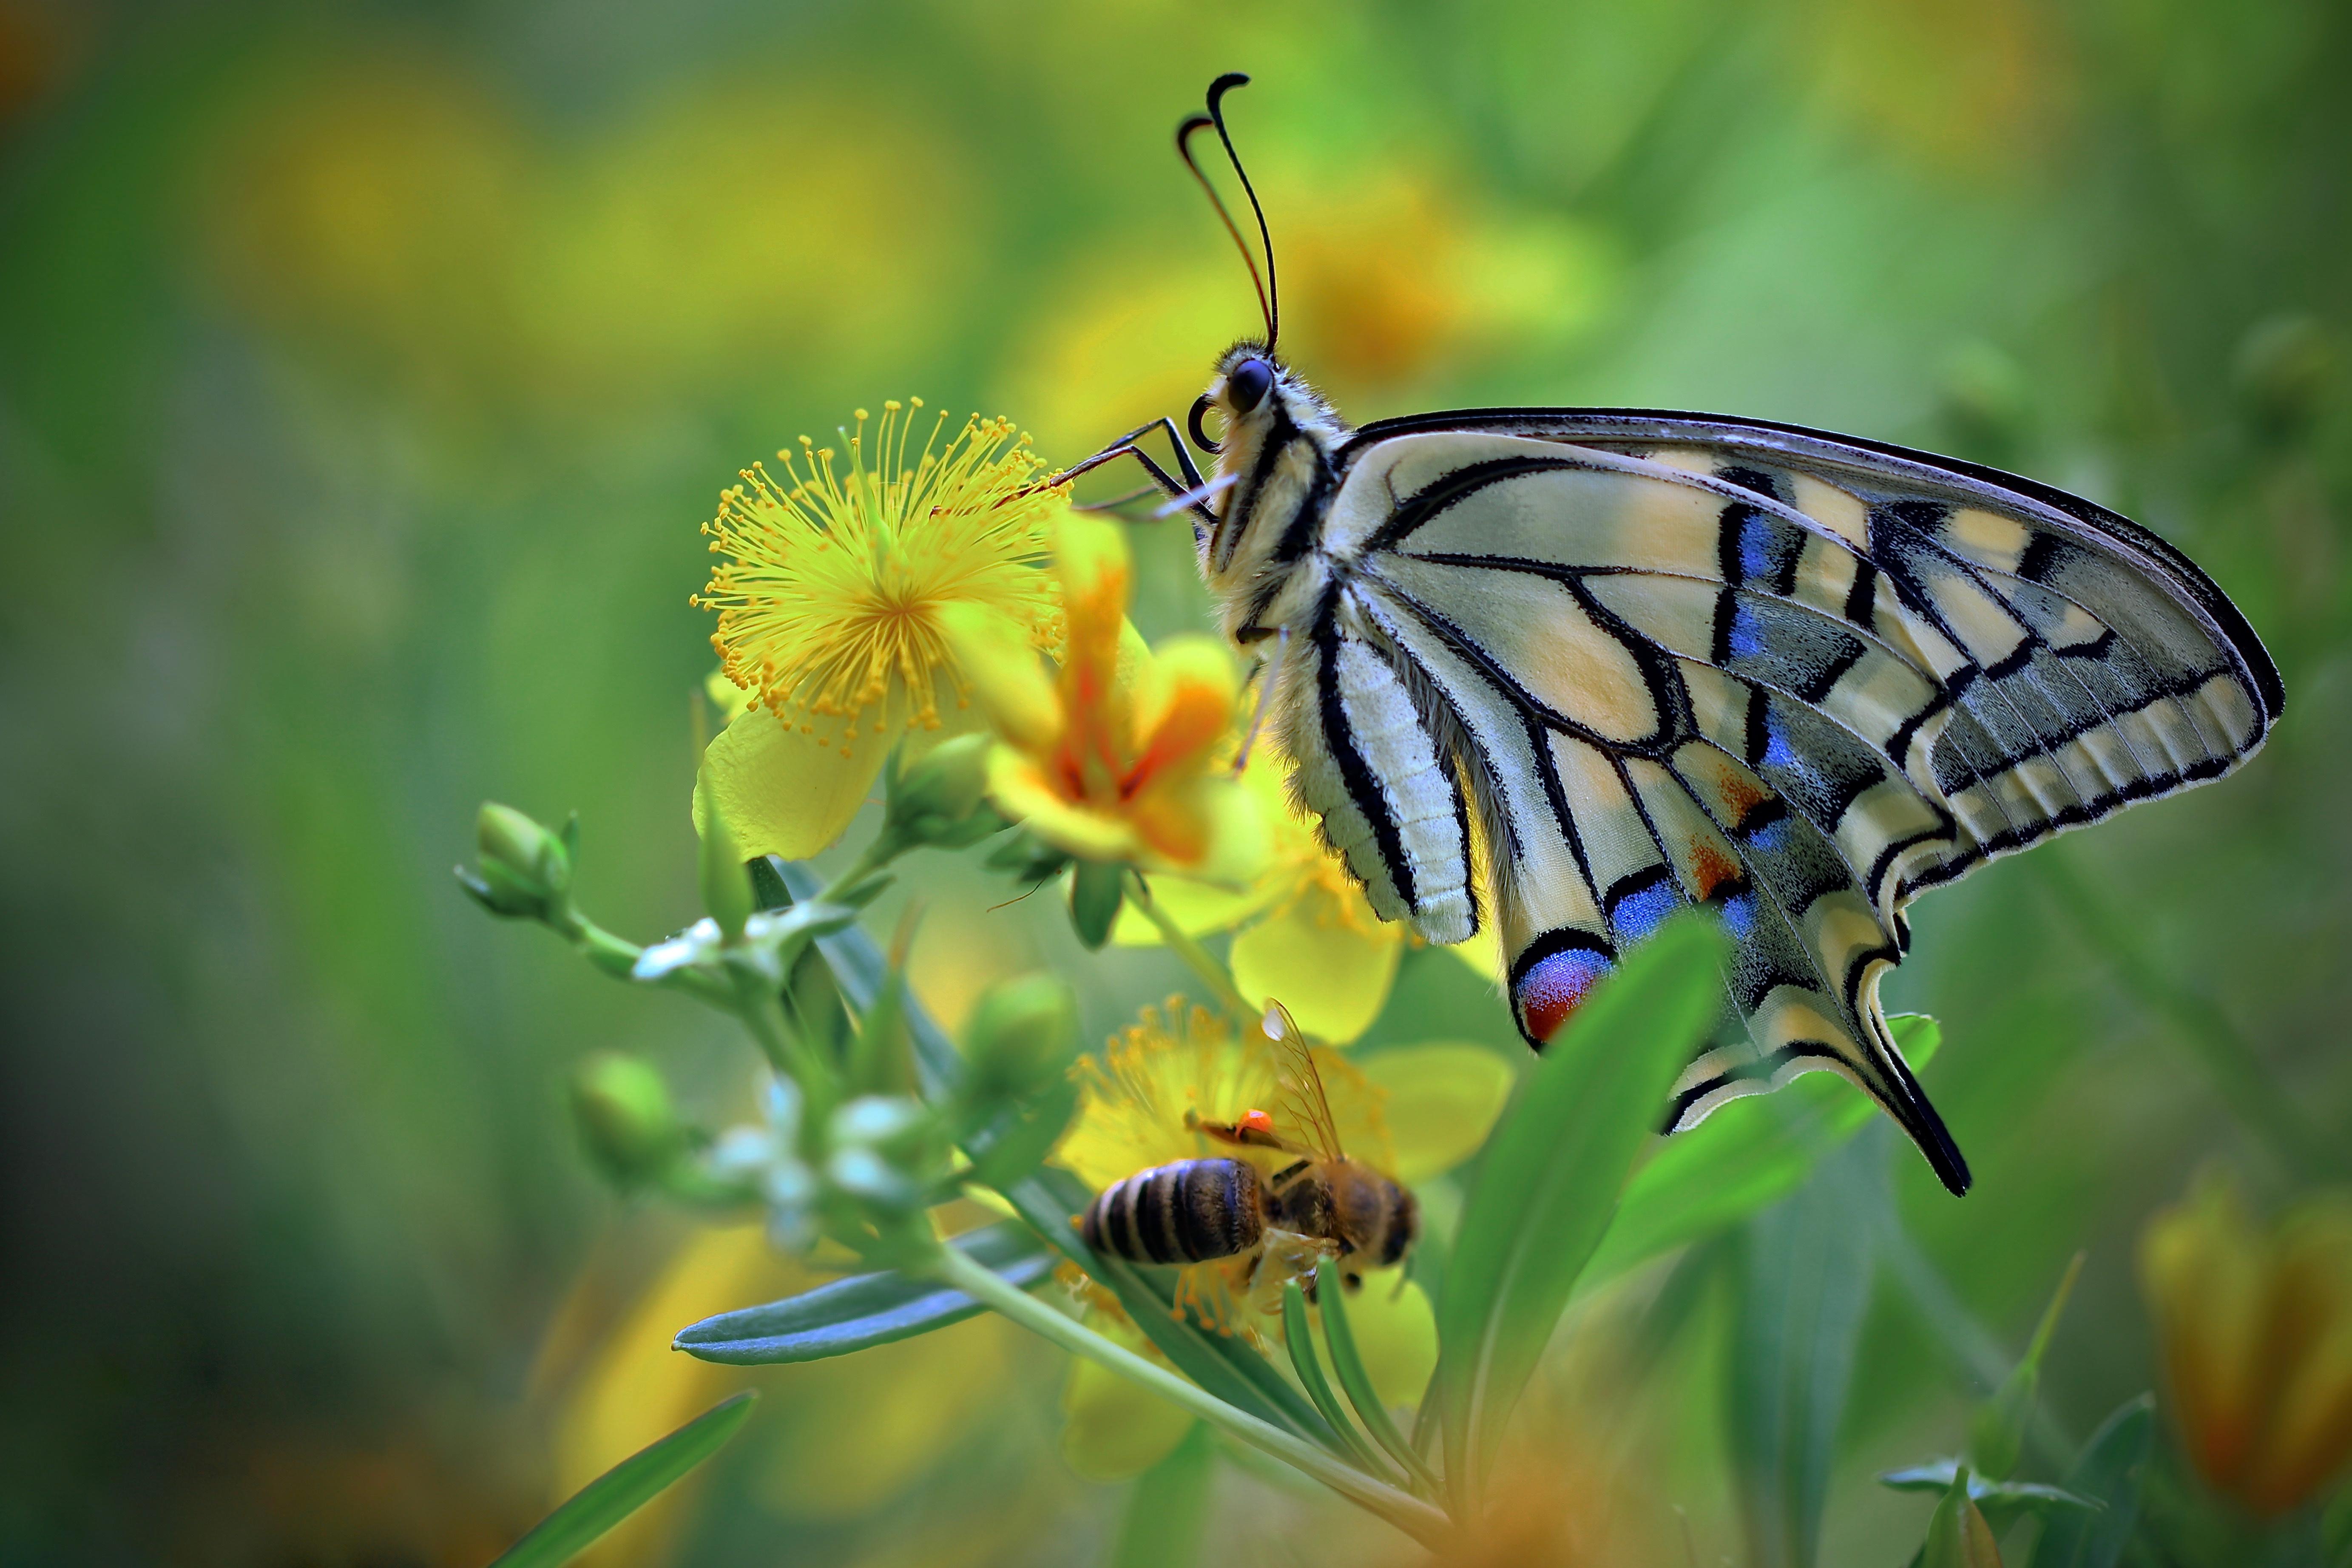 蝴蝶图片 4K高清壁纸 动物壁纸-第1张